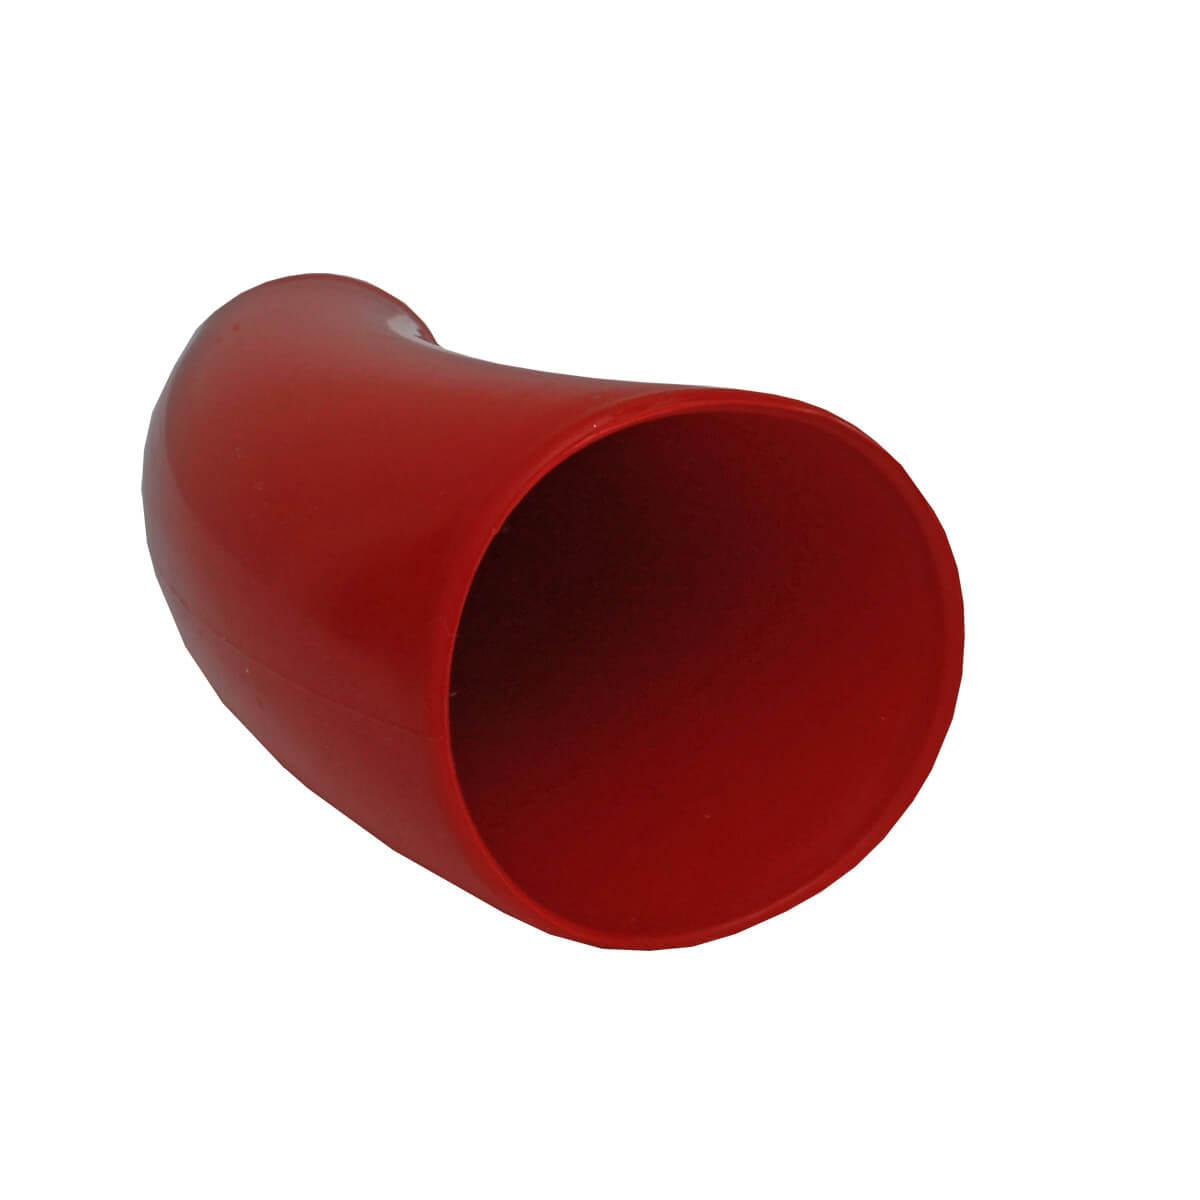 Guampa De Plástico Vermelho